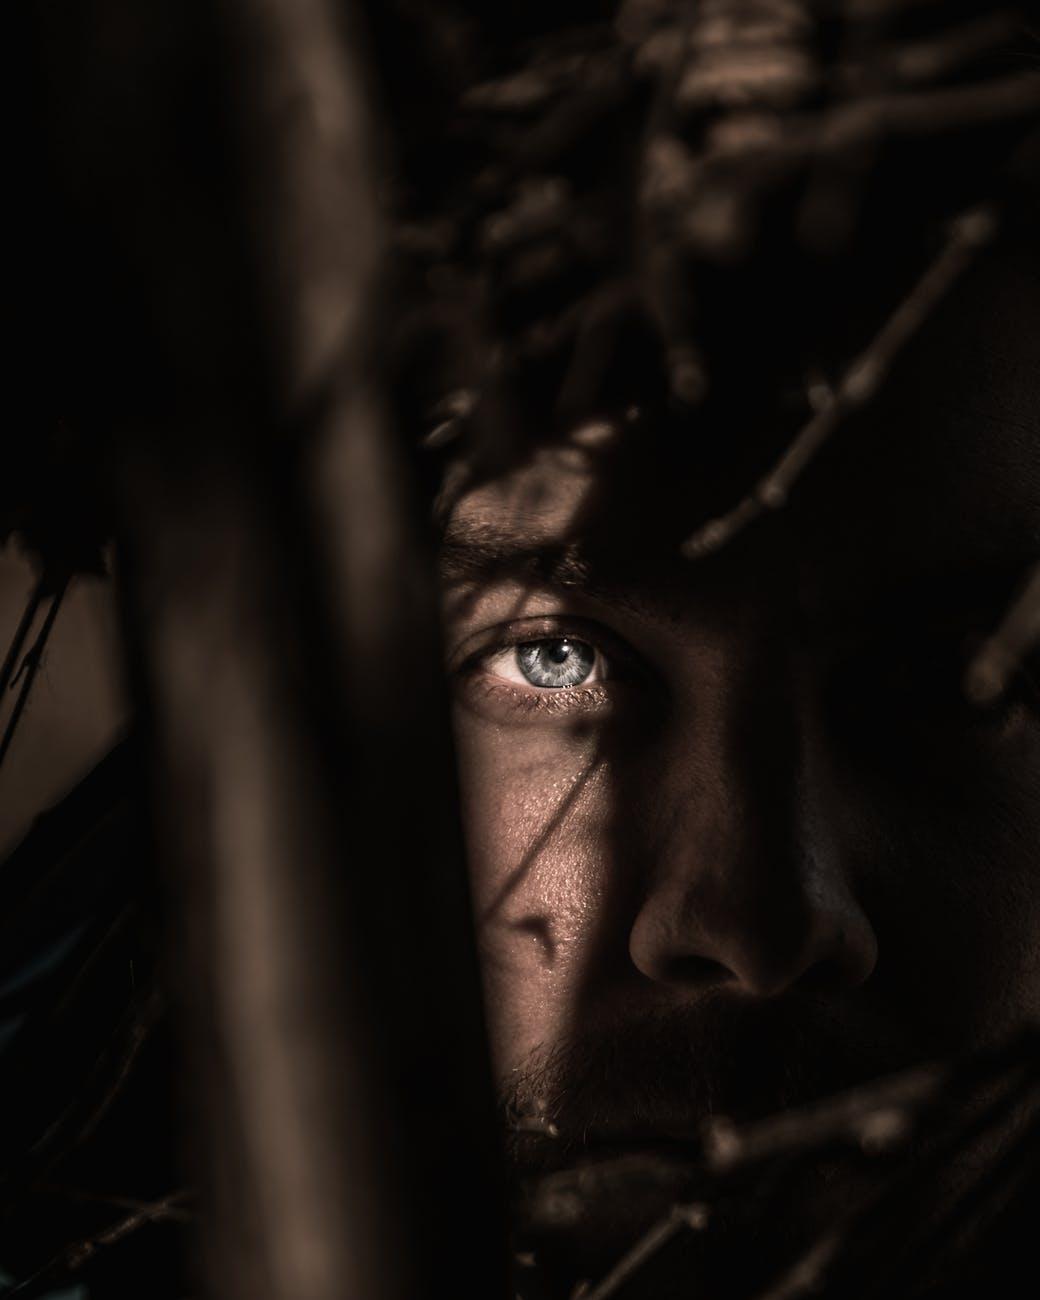 person s eye